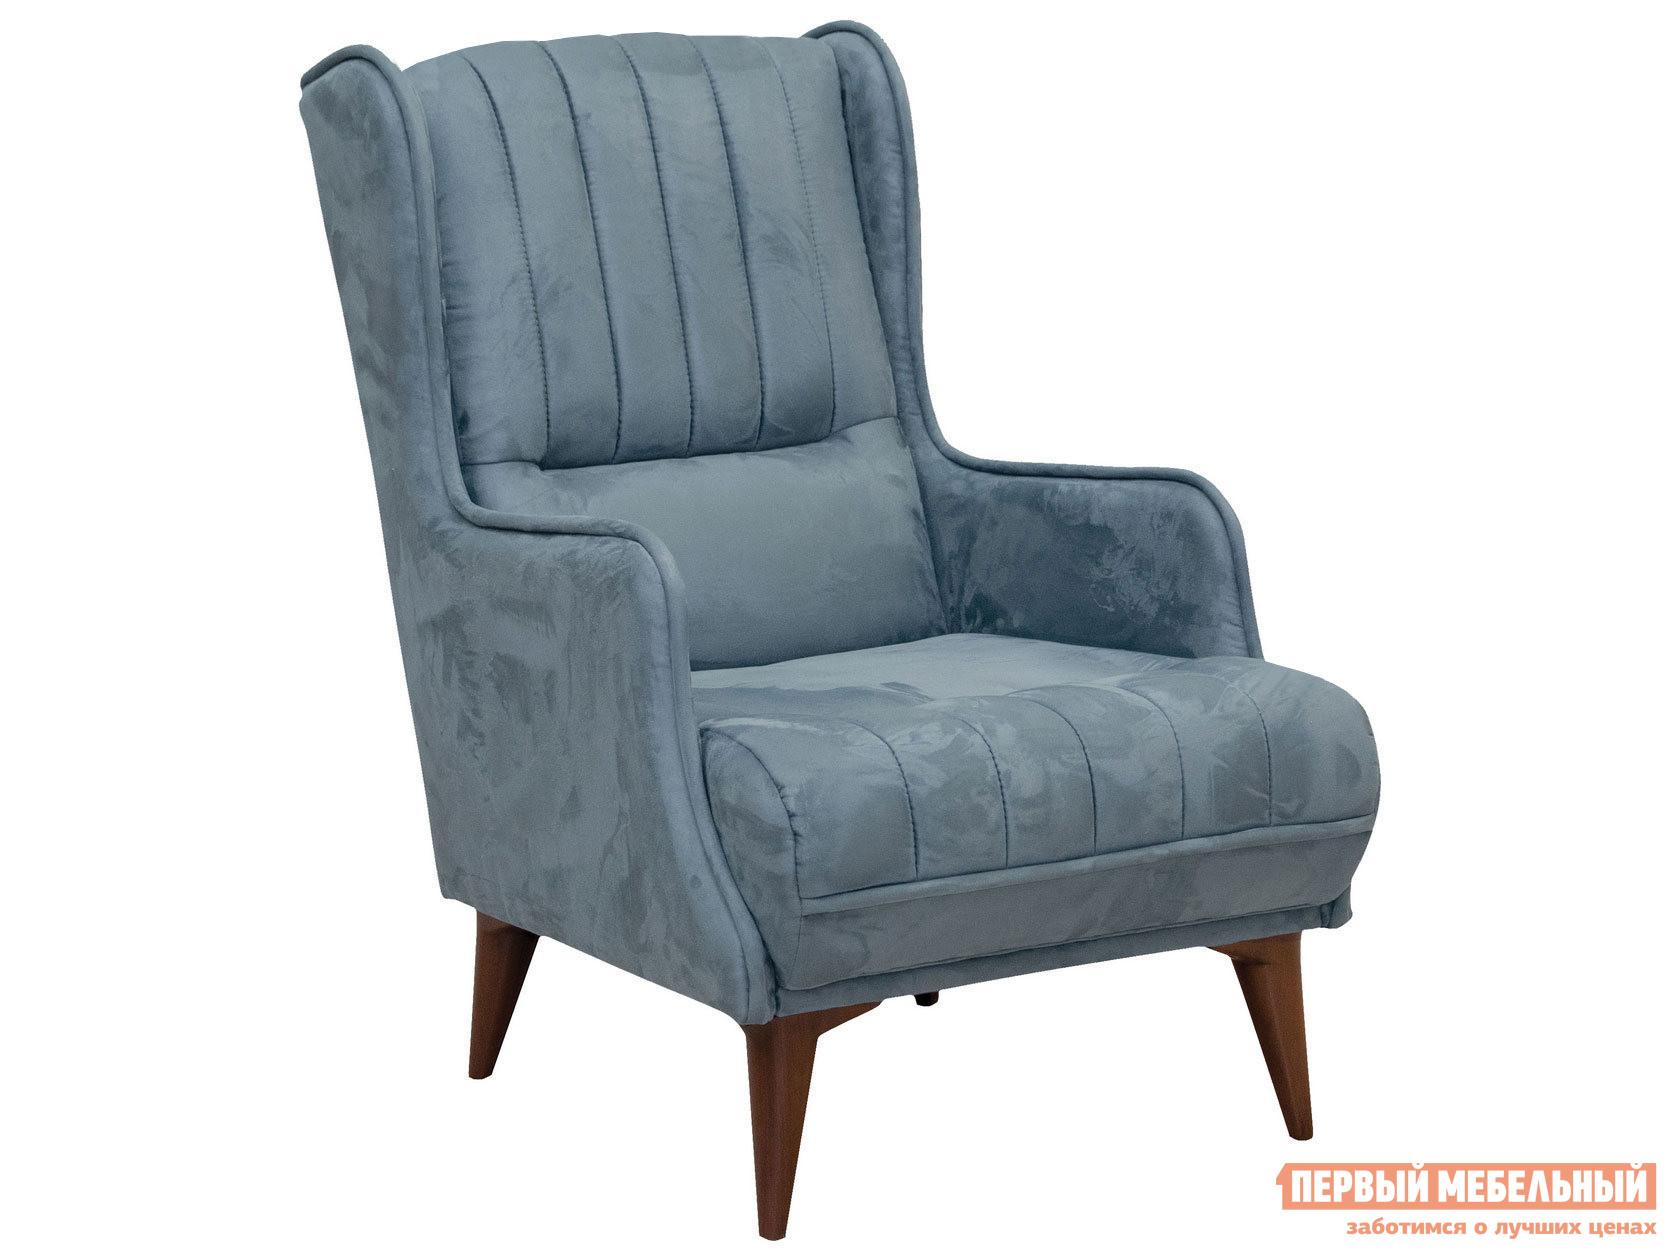 Кресло Первый Мебельный Болеро кресло первый мебельный болеро